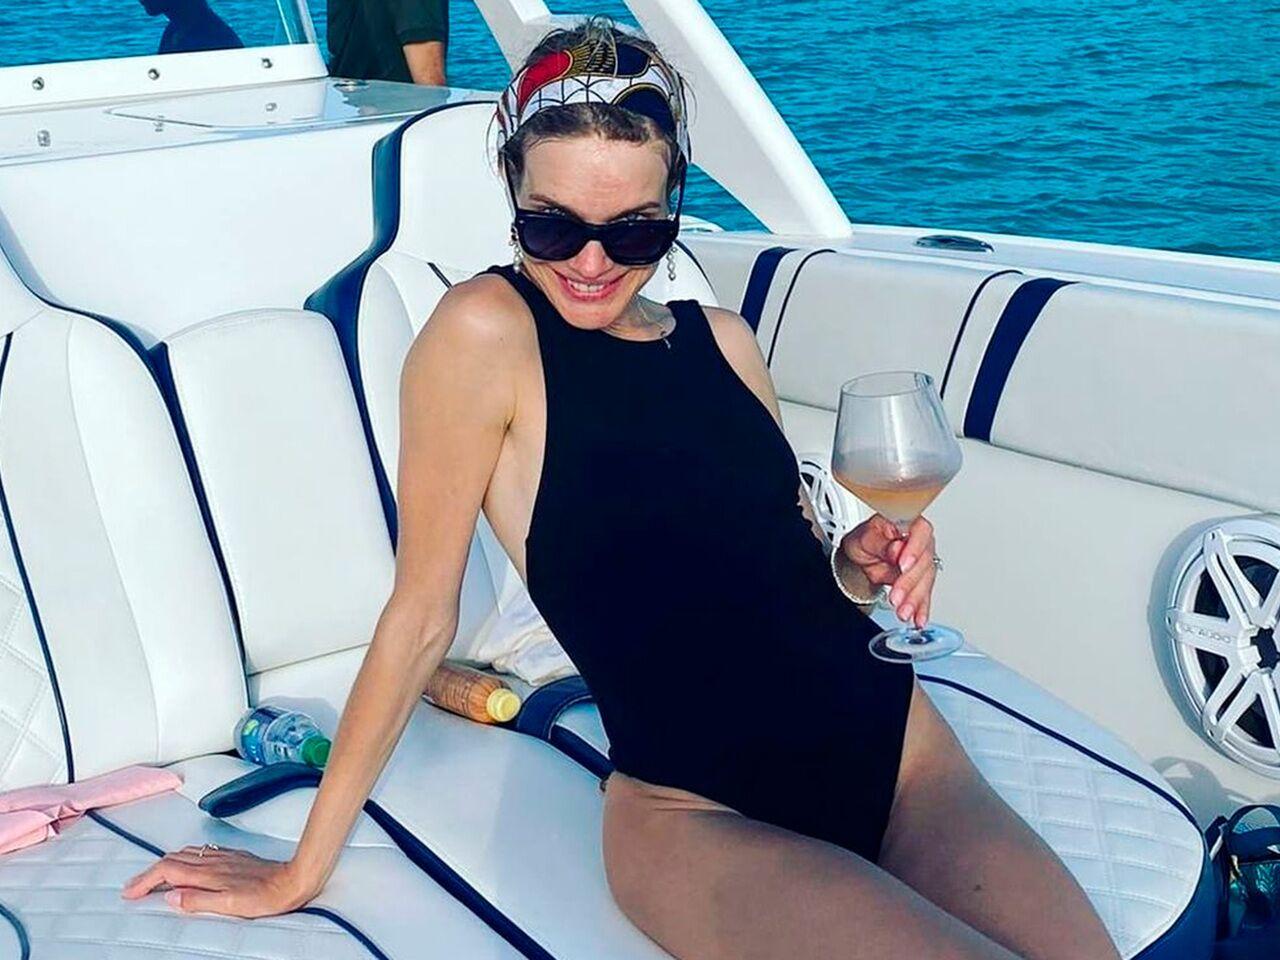 Наталья Водянова снялась в купальнике на яхте во время отдыха с семьей:  Личности: Ценности: Lenta.ru